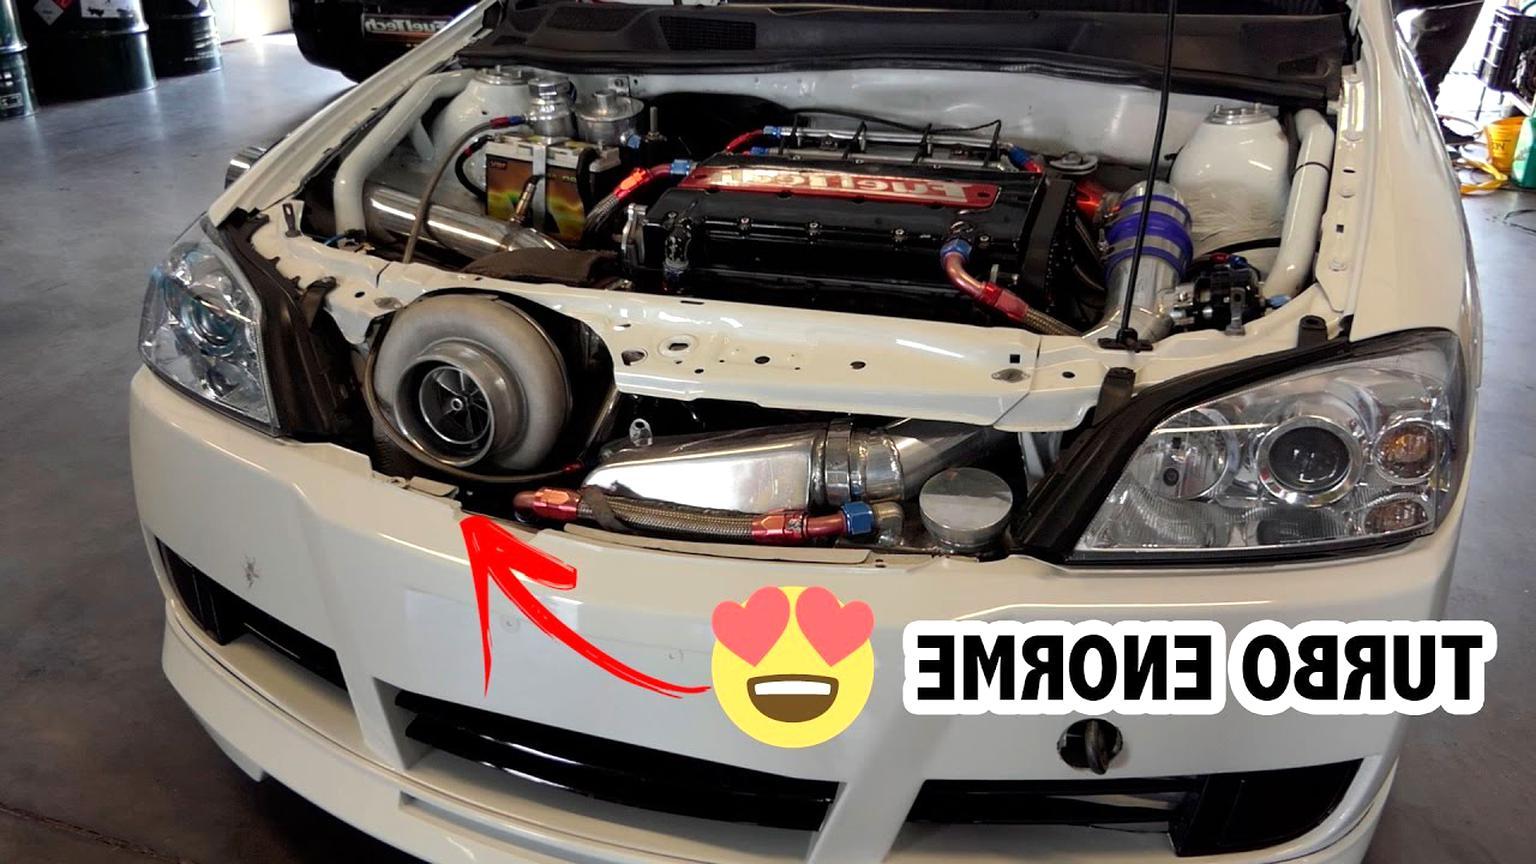 c20xe motor gebraucht kaufen